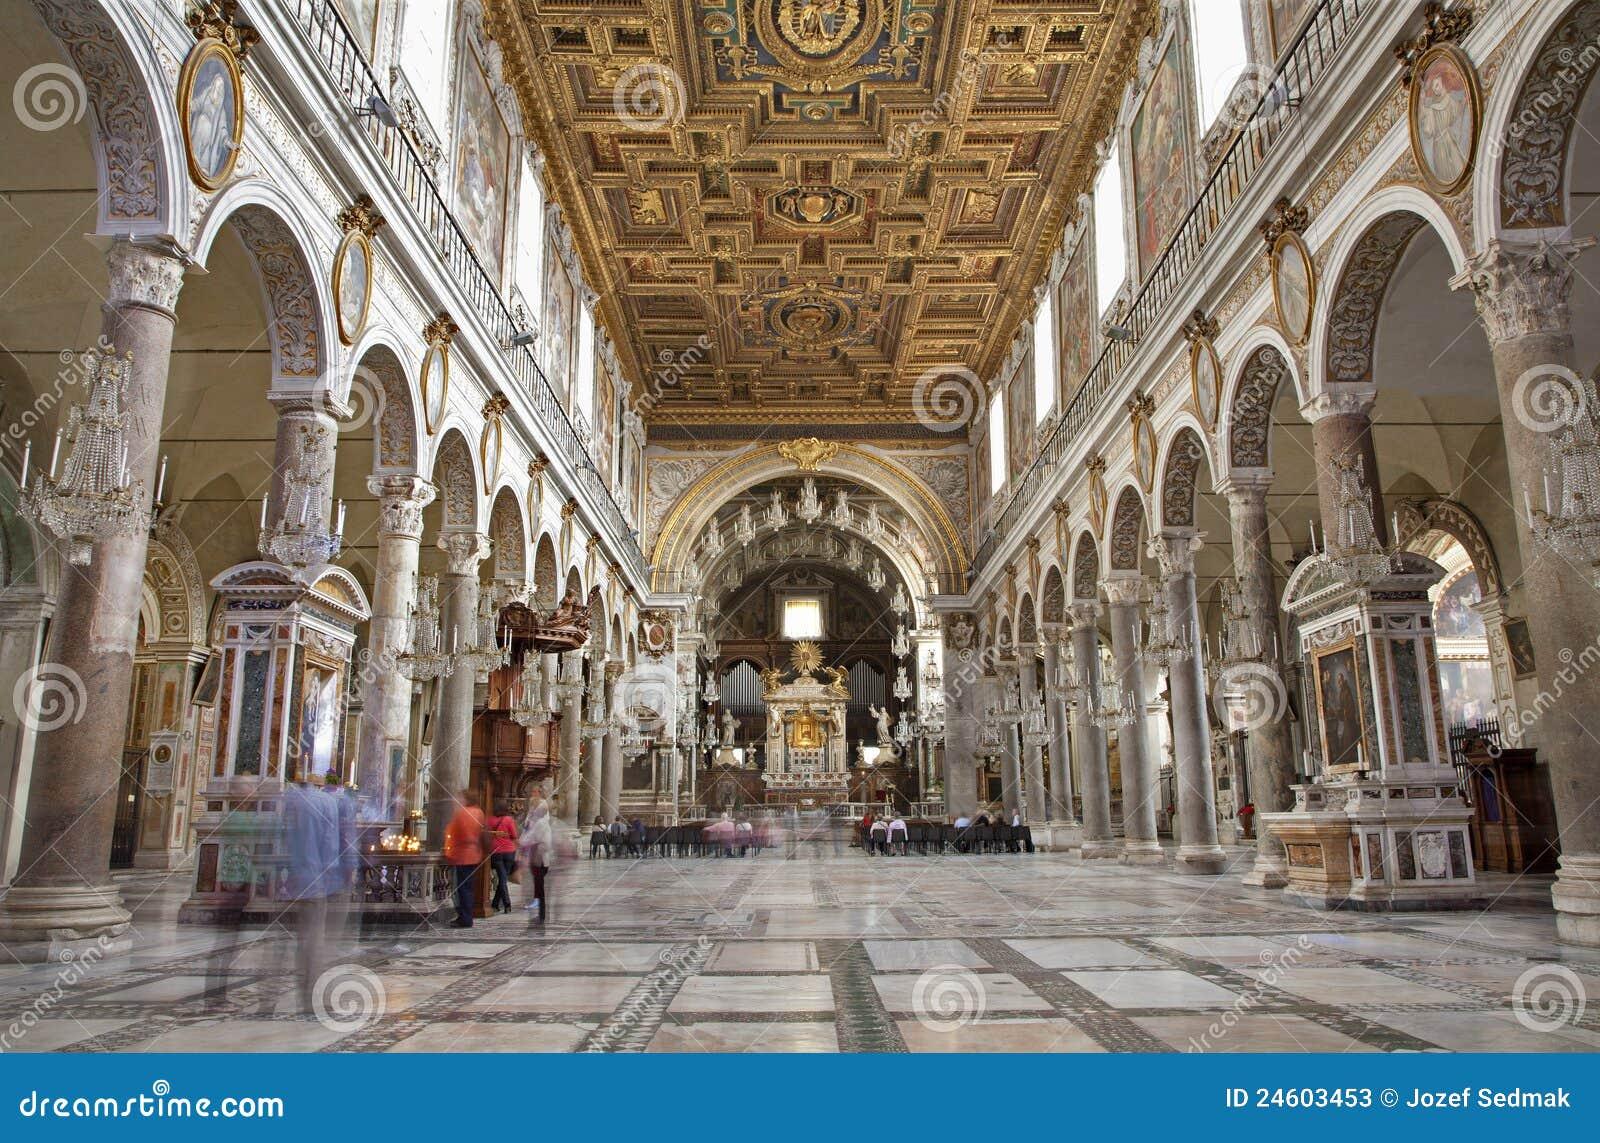 Roma Interior De La Iglesia Santa Mar A Aracoeli Fotos